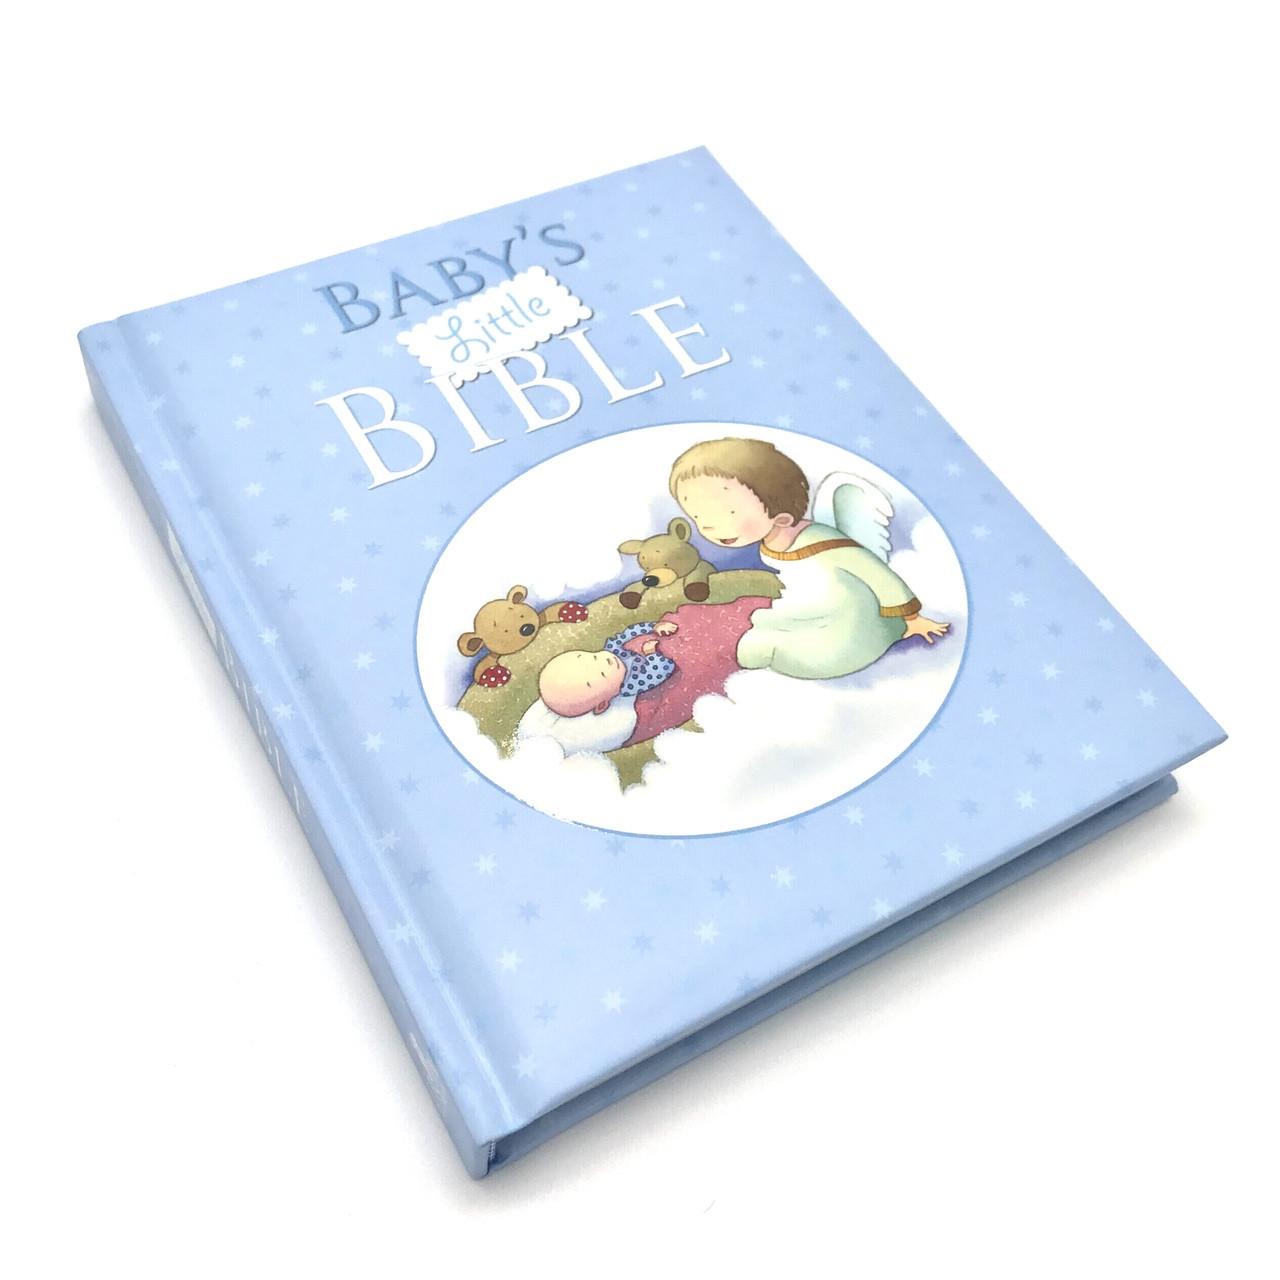 Christening Gift Keepsake Gift Personalised Children/'s Book Baptism Gift